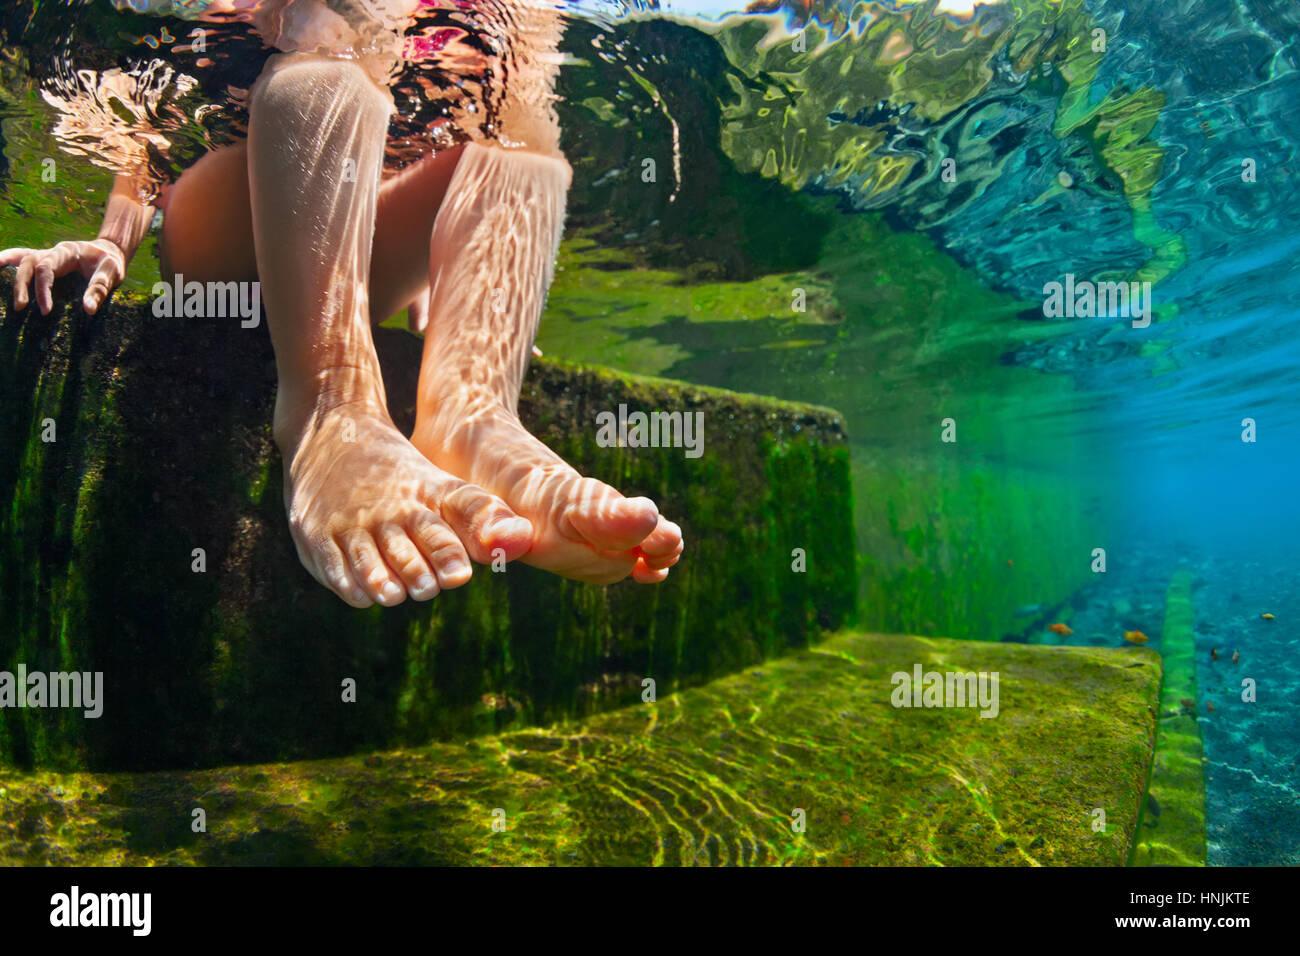 Persona feliz divertirse al borde de la piscina. Gracioso foto bajo el agua del bebé pies desnudos en la piscina Imagen De Stock